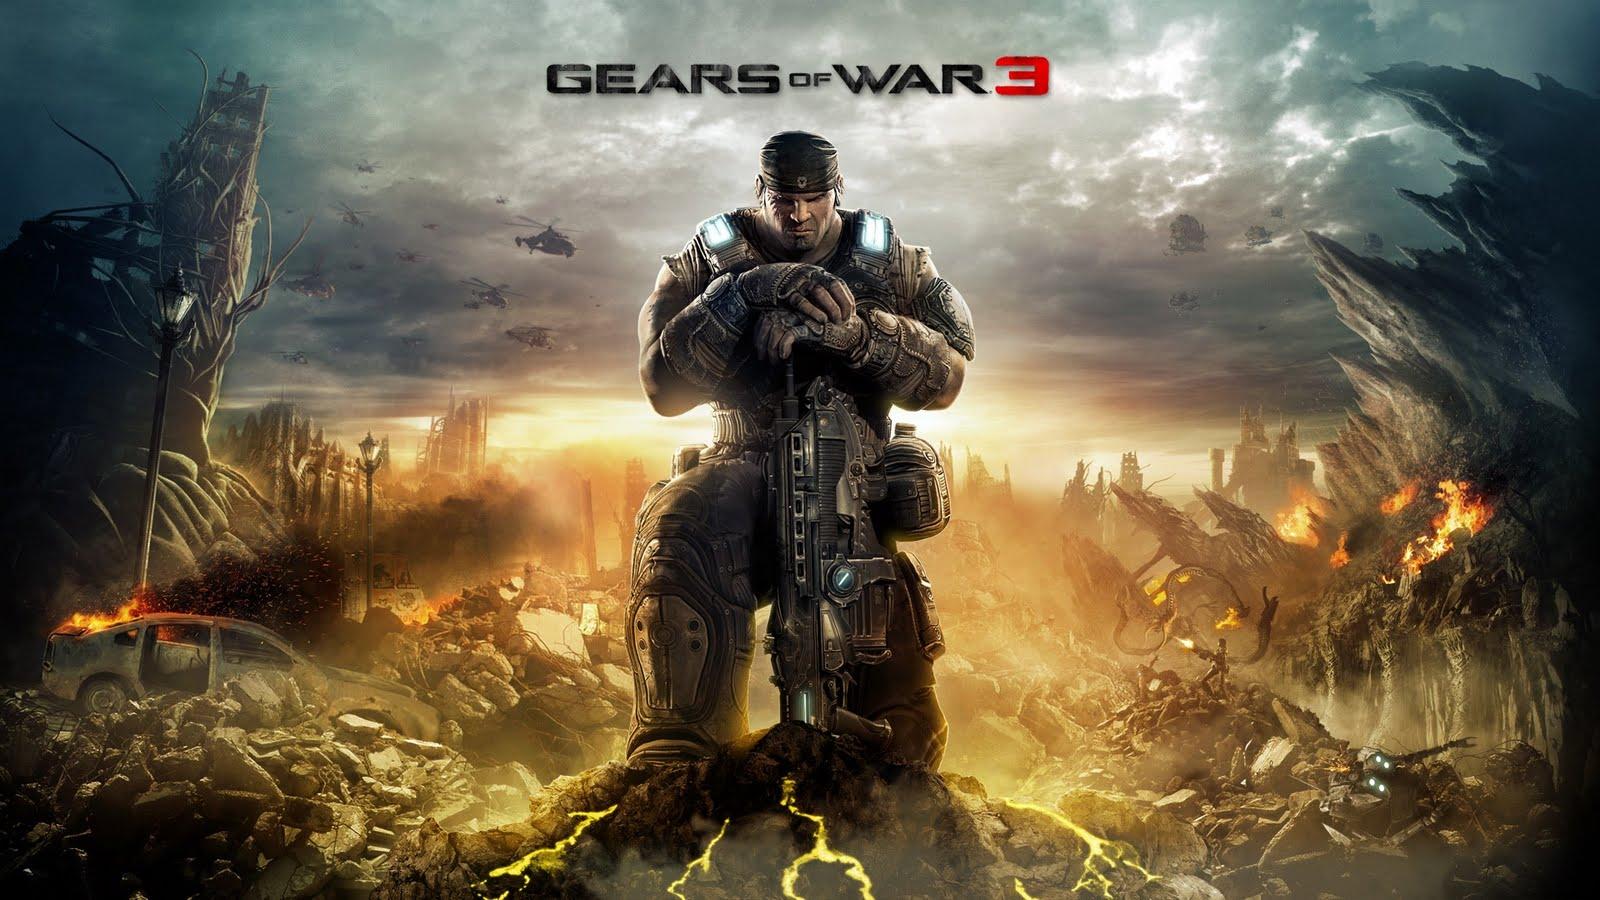 Wallpapers de Gears of war 3 HD DragonXoft 1600x900